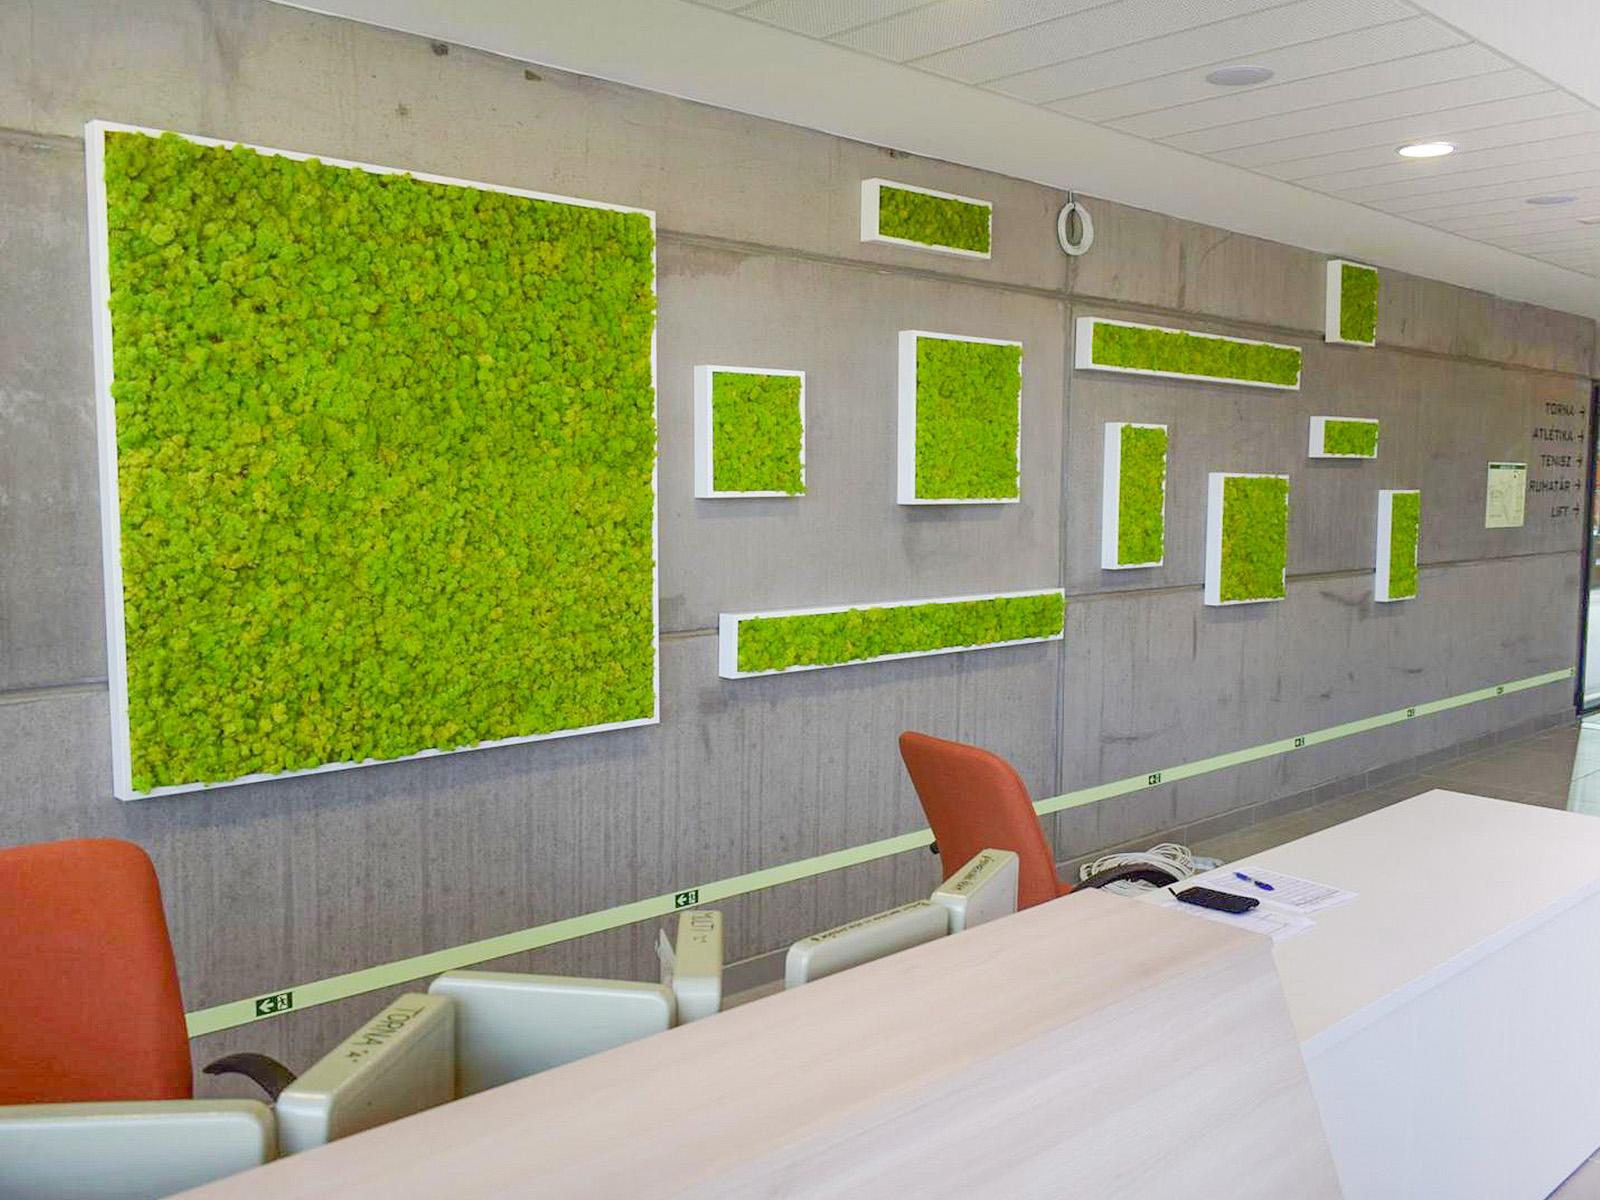 Zuzmó dekoráció különböző méretű képkeretekben munkahelyi folyosón.